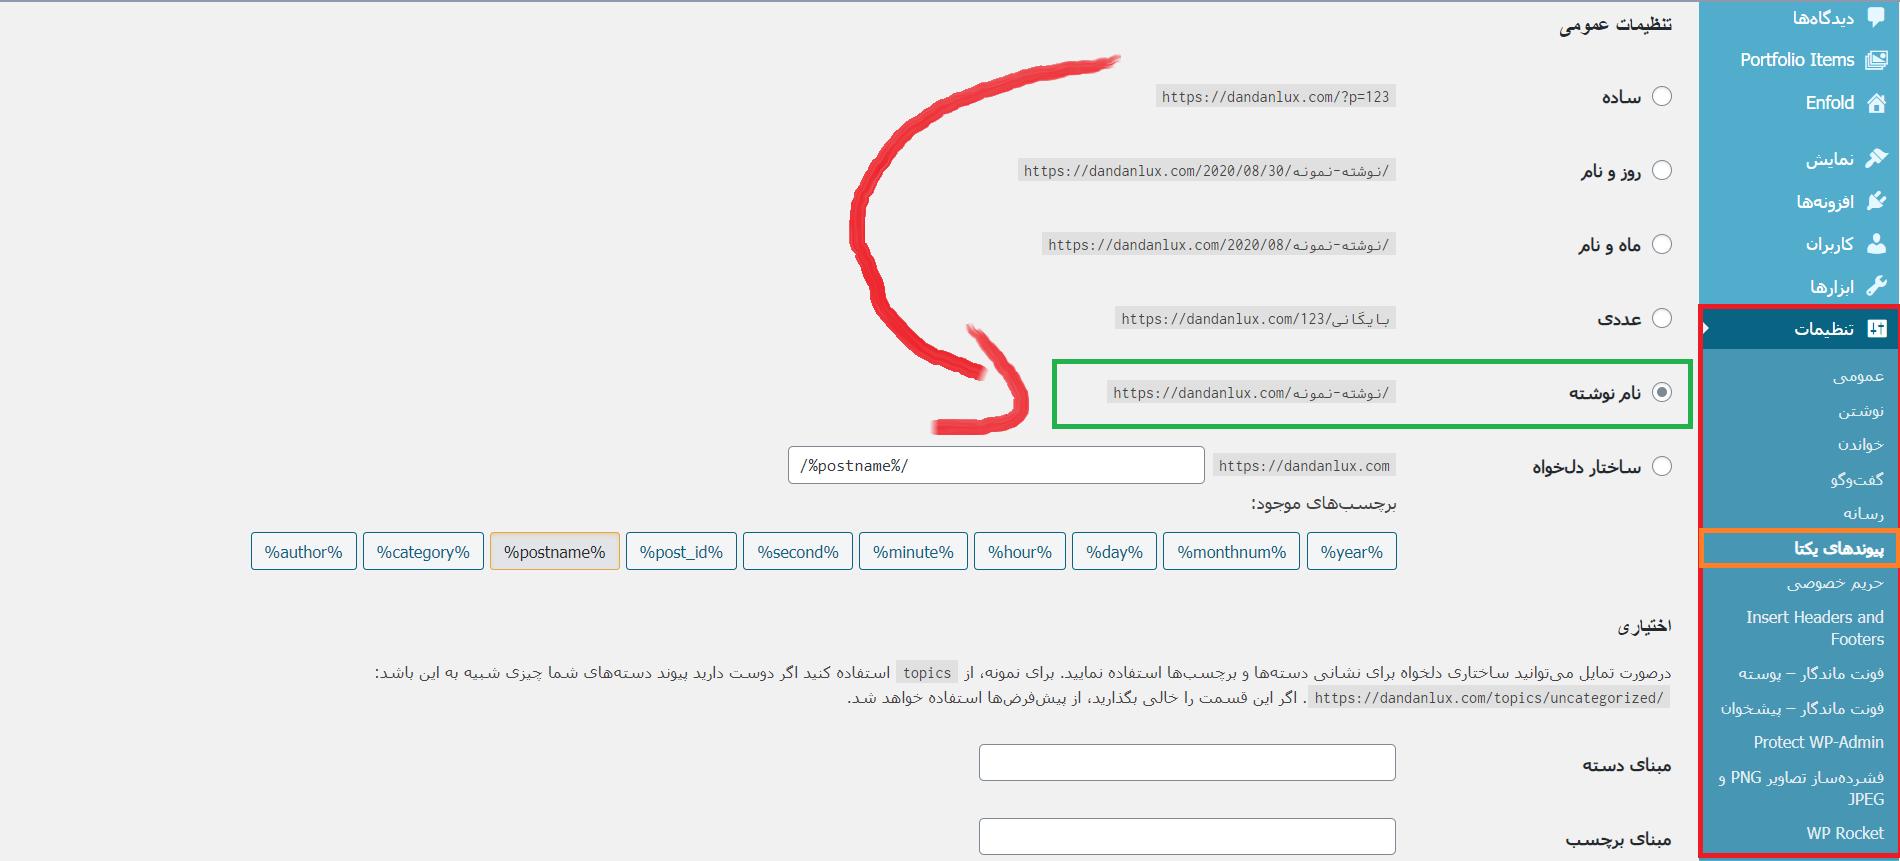 رفع مشکل پیوند های یکتا در وردپرس